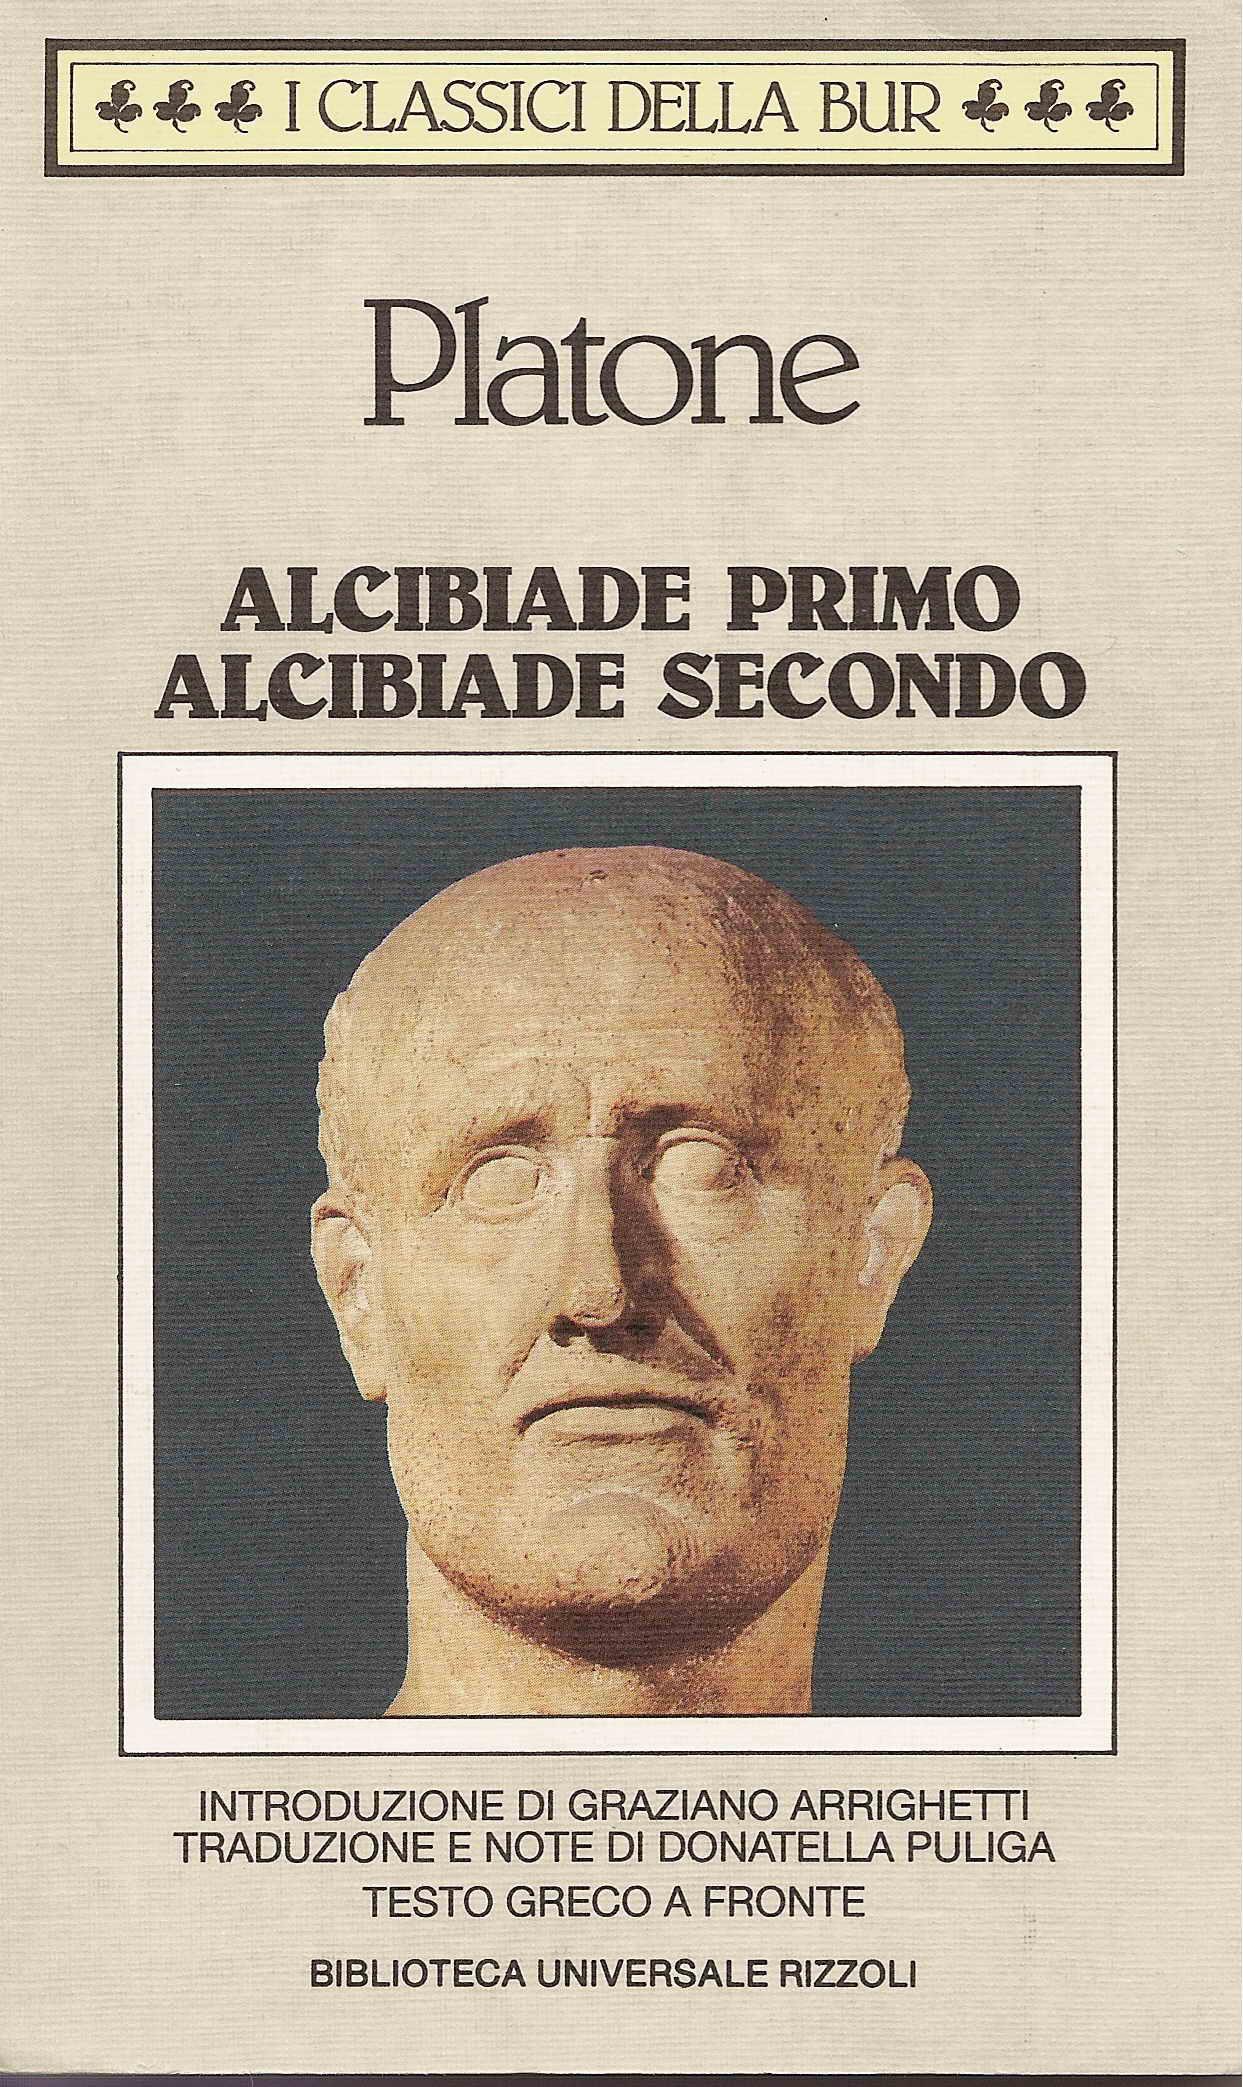 Alcibiade primo - Alcibiade secondo